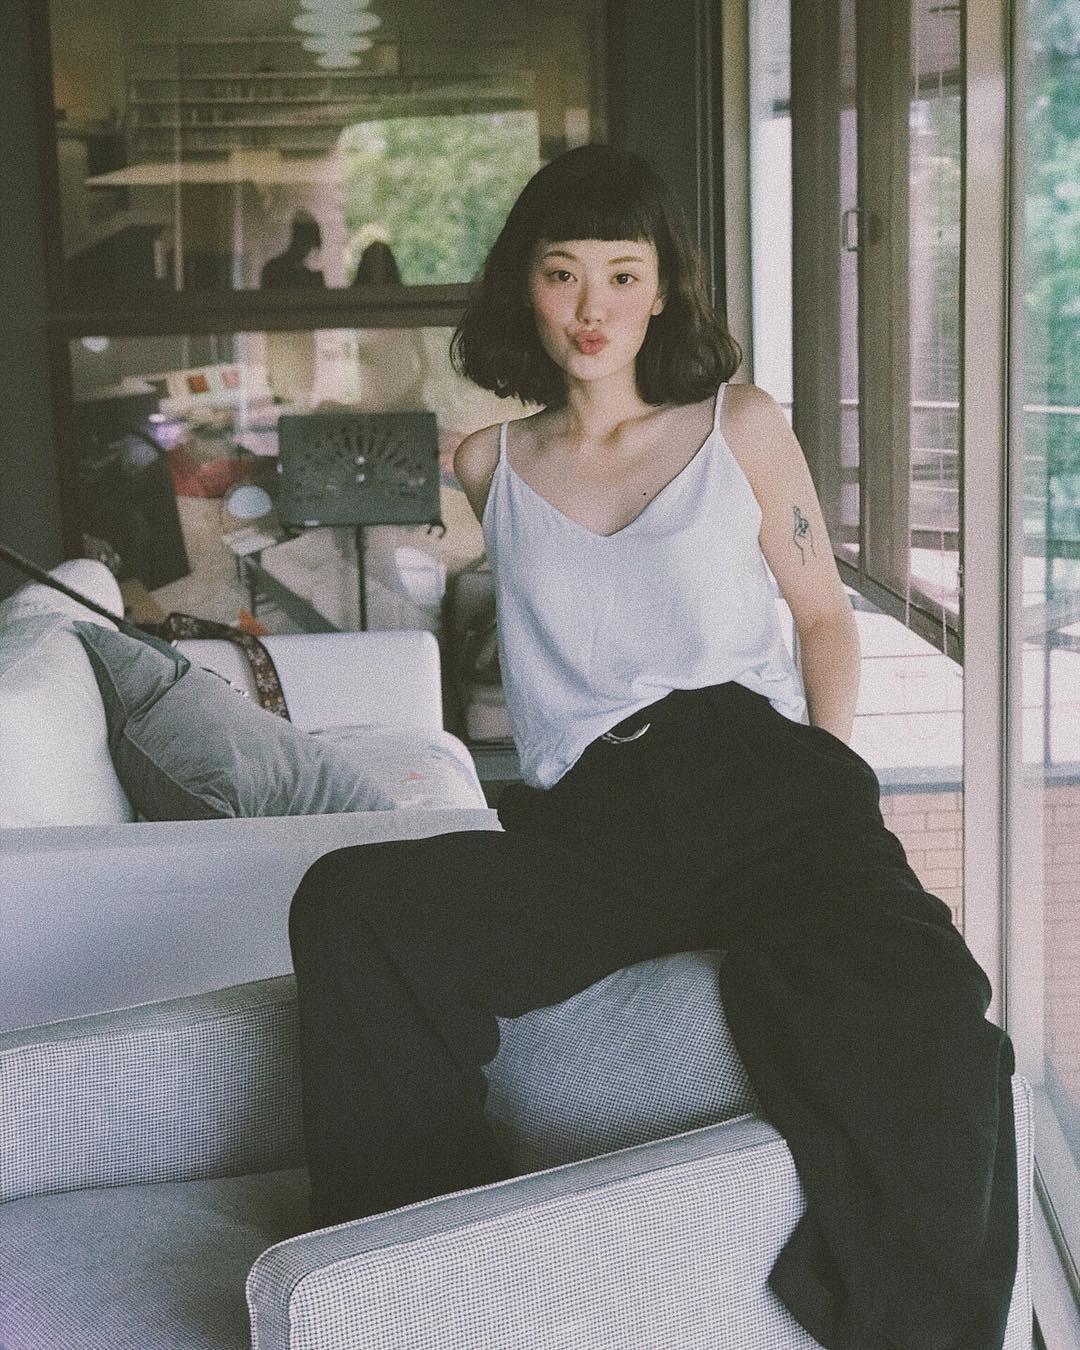 Hot girl Thái Lan chỉ mặc đồ cơ bản, giá rẻ bèo vẫn nổi khắp châu Á Ảnh 3